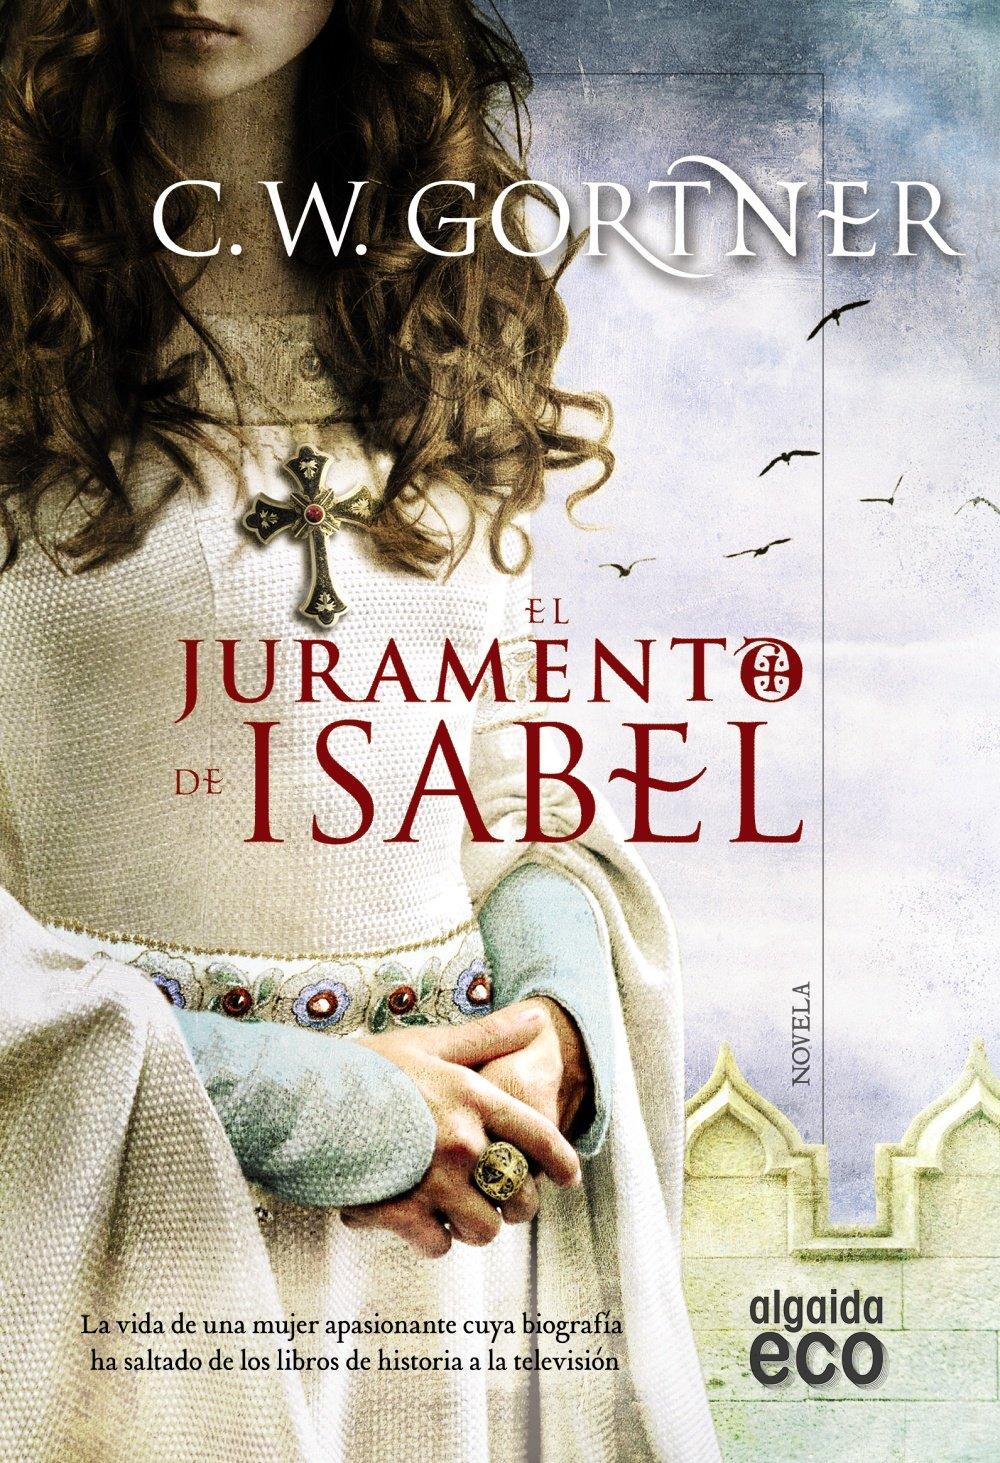 El juramento de Isabel (ALGAIDA LITERARIA - ECO): Amazon.es: Gortner, C.W., Molina, Ester: Libros